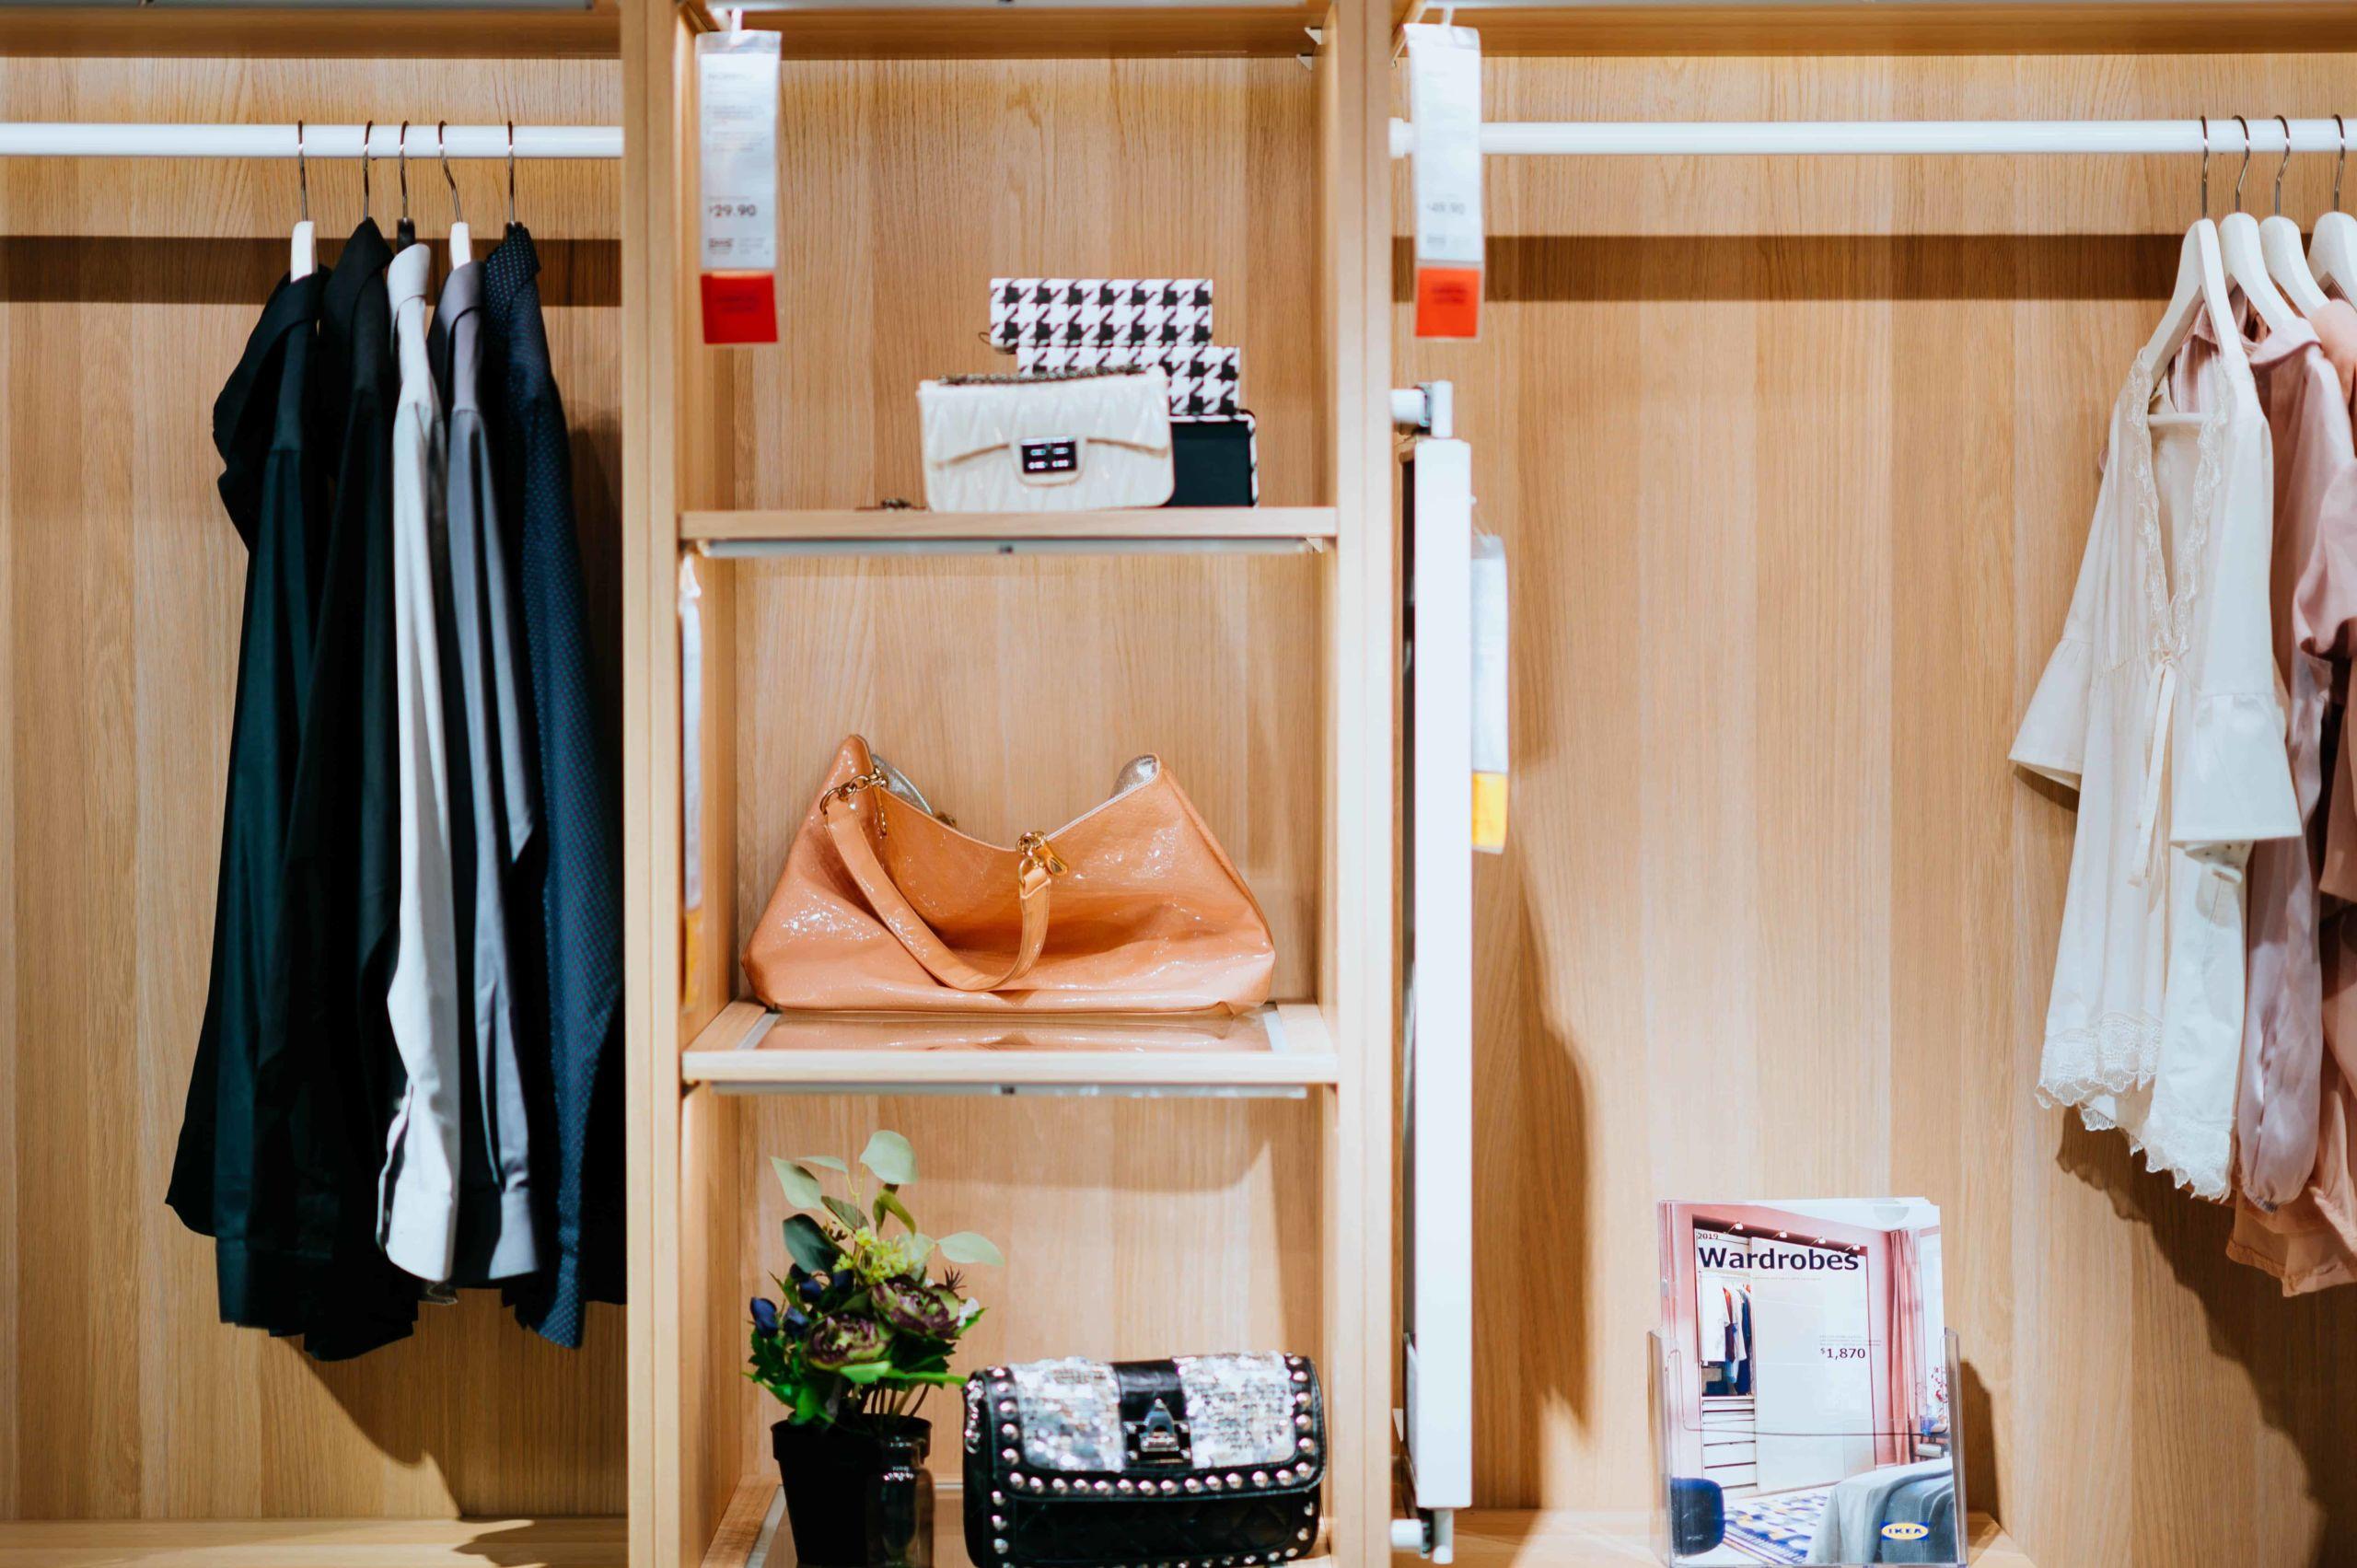 Profondeur Dressing Pour Cintre comment aménager un dressing soi-même ? - openmedia